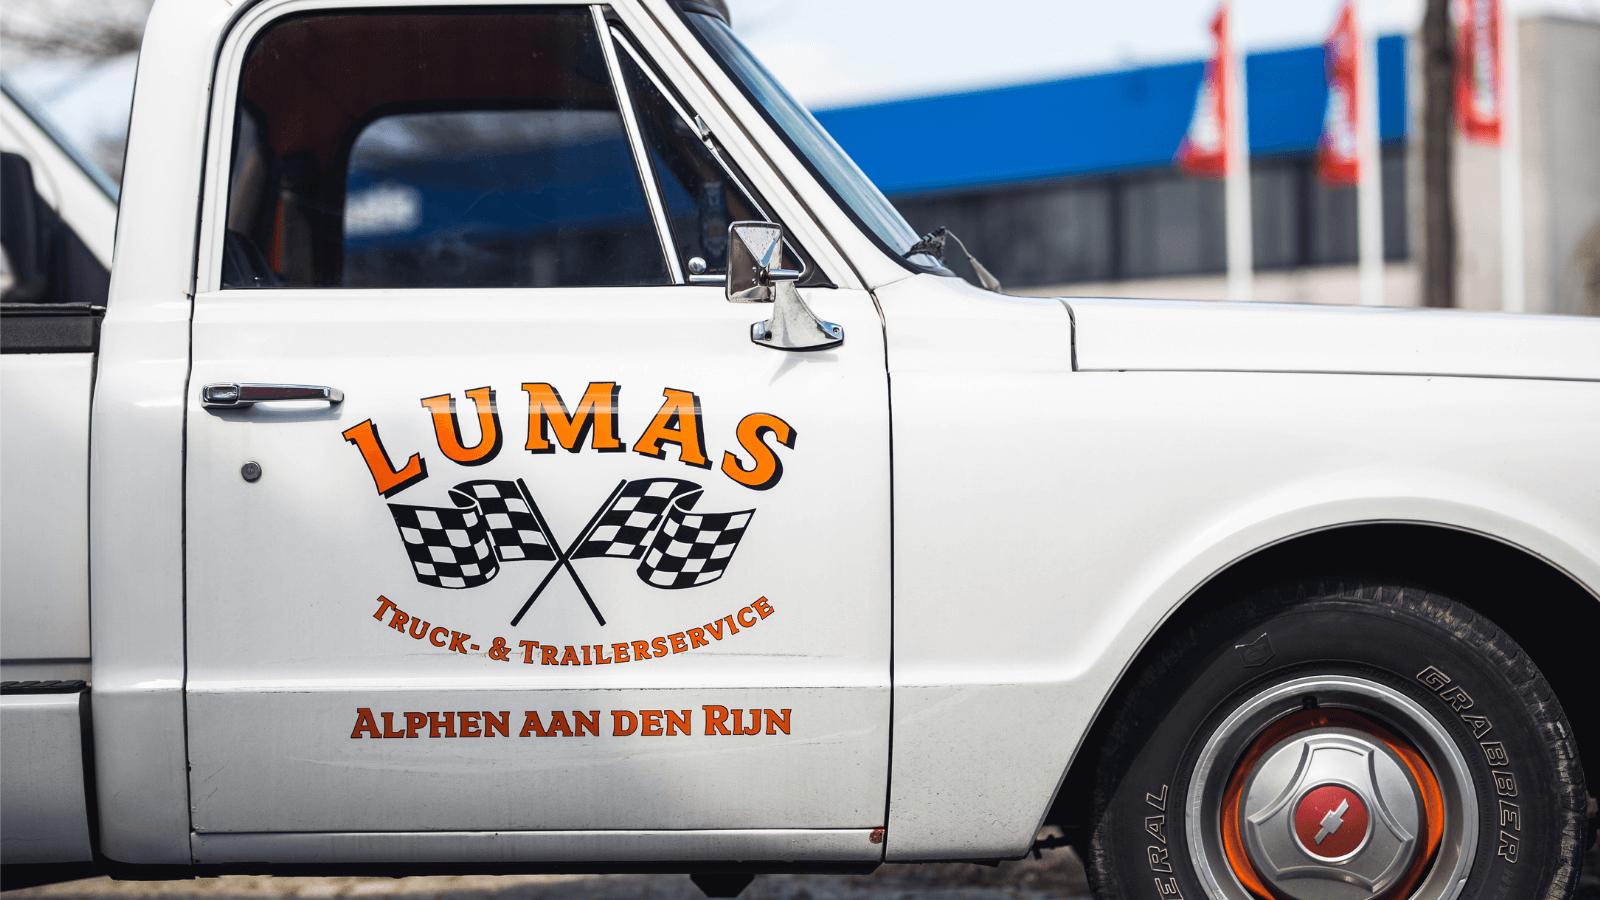 Ik wil van LUMAS de grootste one-stop shop in de regio maken